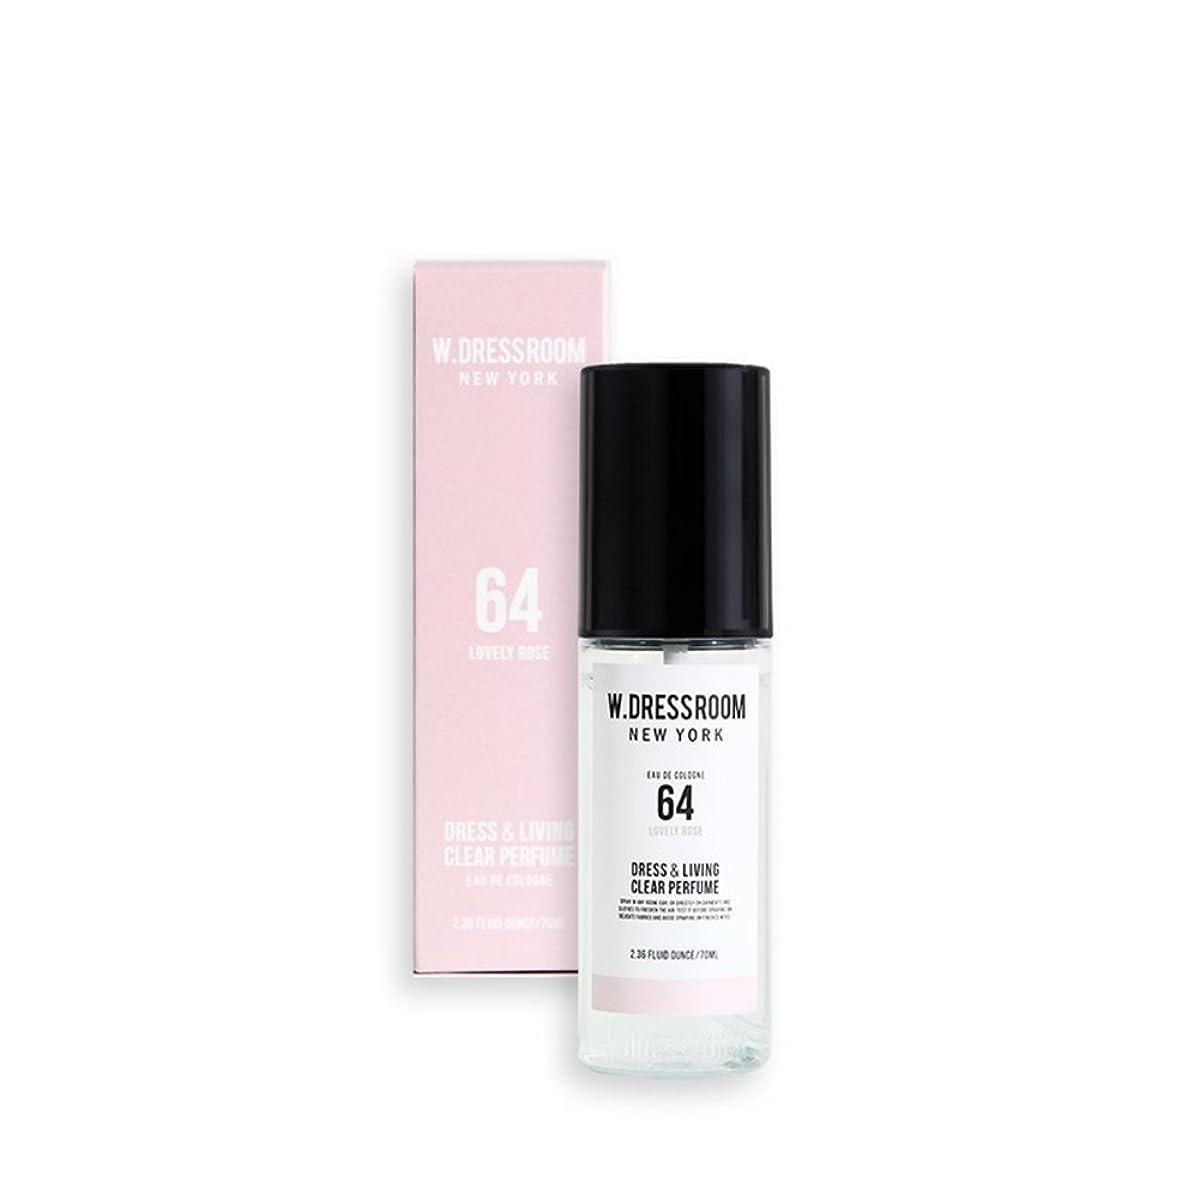 回転する祖母超えるW.DRESSROOM Dress & Living Clear Perfume fragrance 70ml (#No.64 Lovely Rose)/ダブルドレスルーム ドレス&リビング クリア パフューム 70ml (#No.64 Lovely Rose)